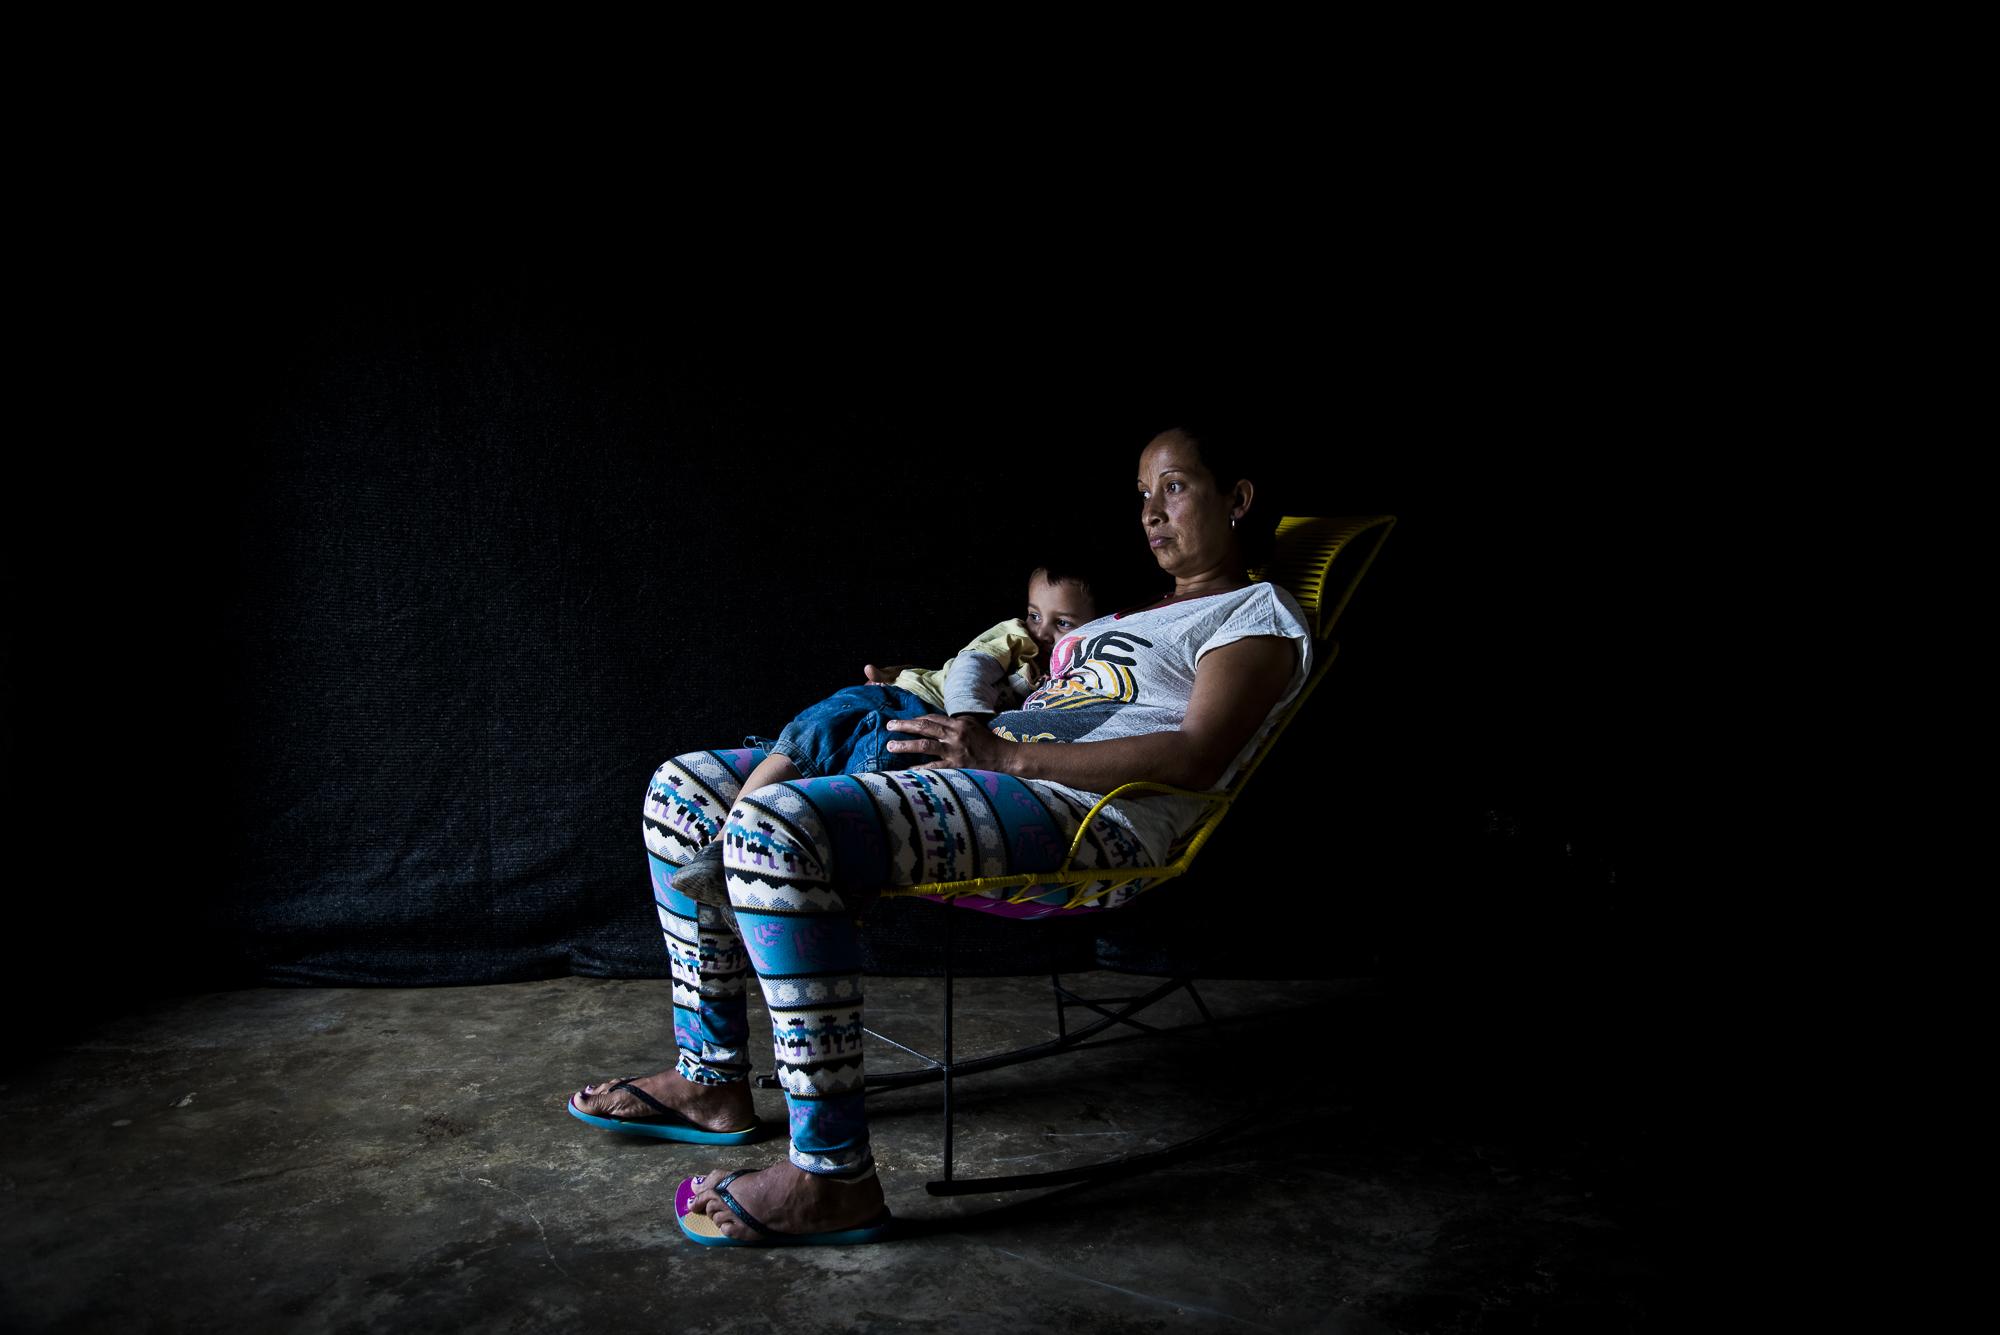 Gloria Areiza, vive en Sacramento, Magdalena. En 2001 cuando tenia 3 meses de embrazo y una niña de 6 meses de edad su esposo fue asesinado, su casa fue quemada y le toco huir. Aun vive con miedo, en una casa mitad cemento mitad tabla.